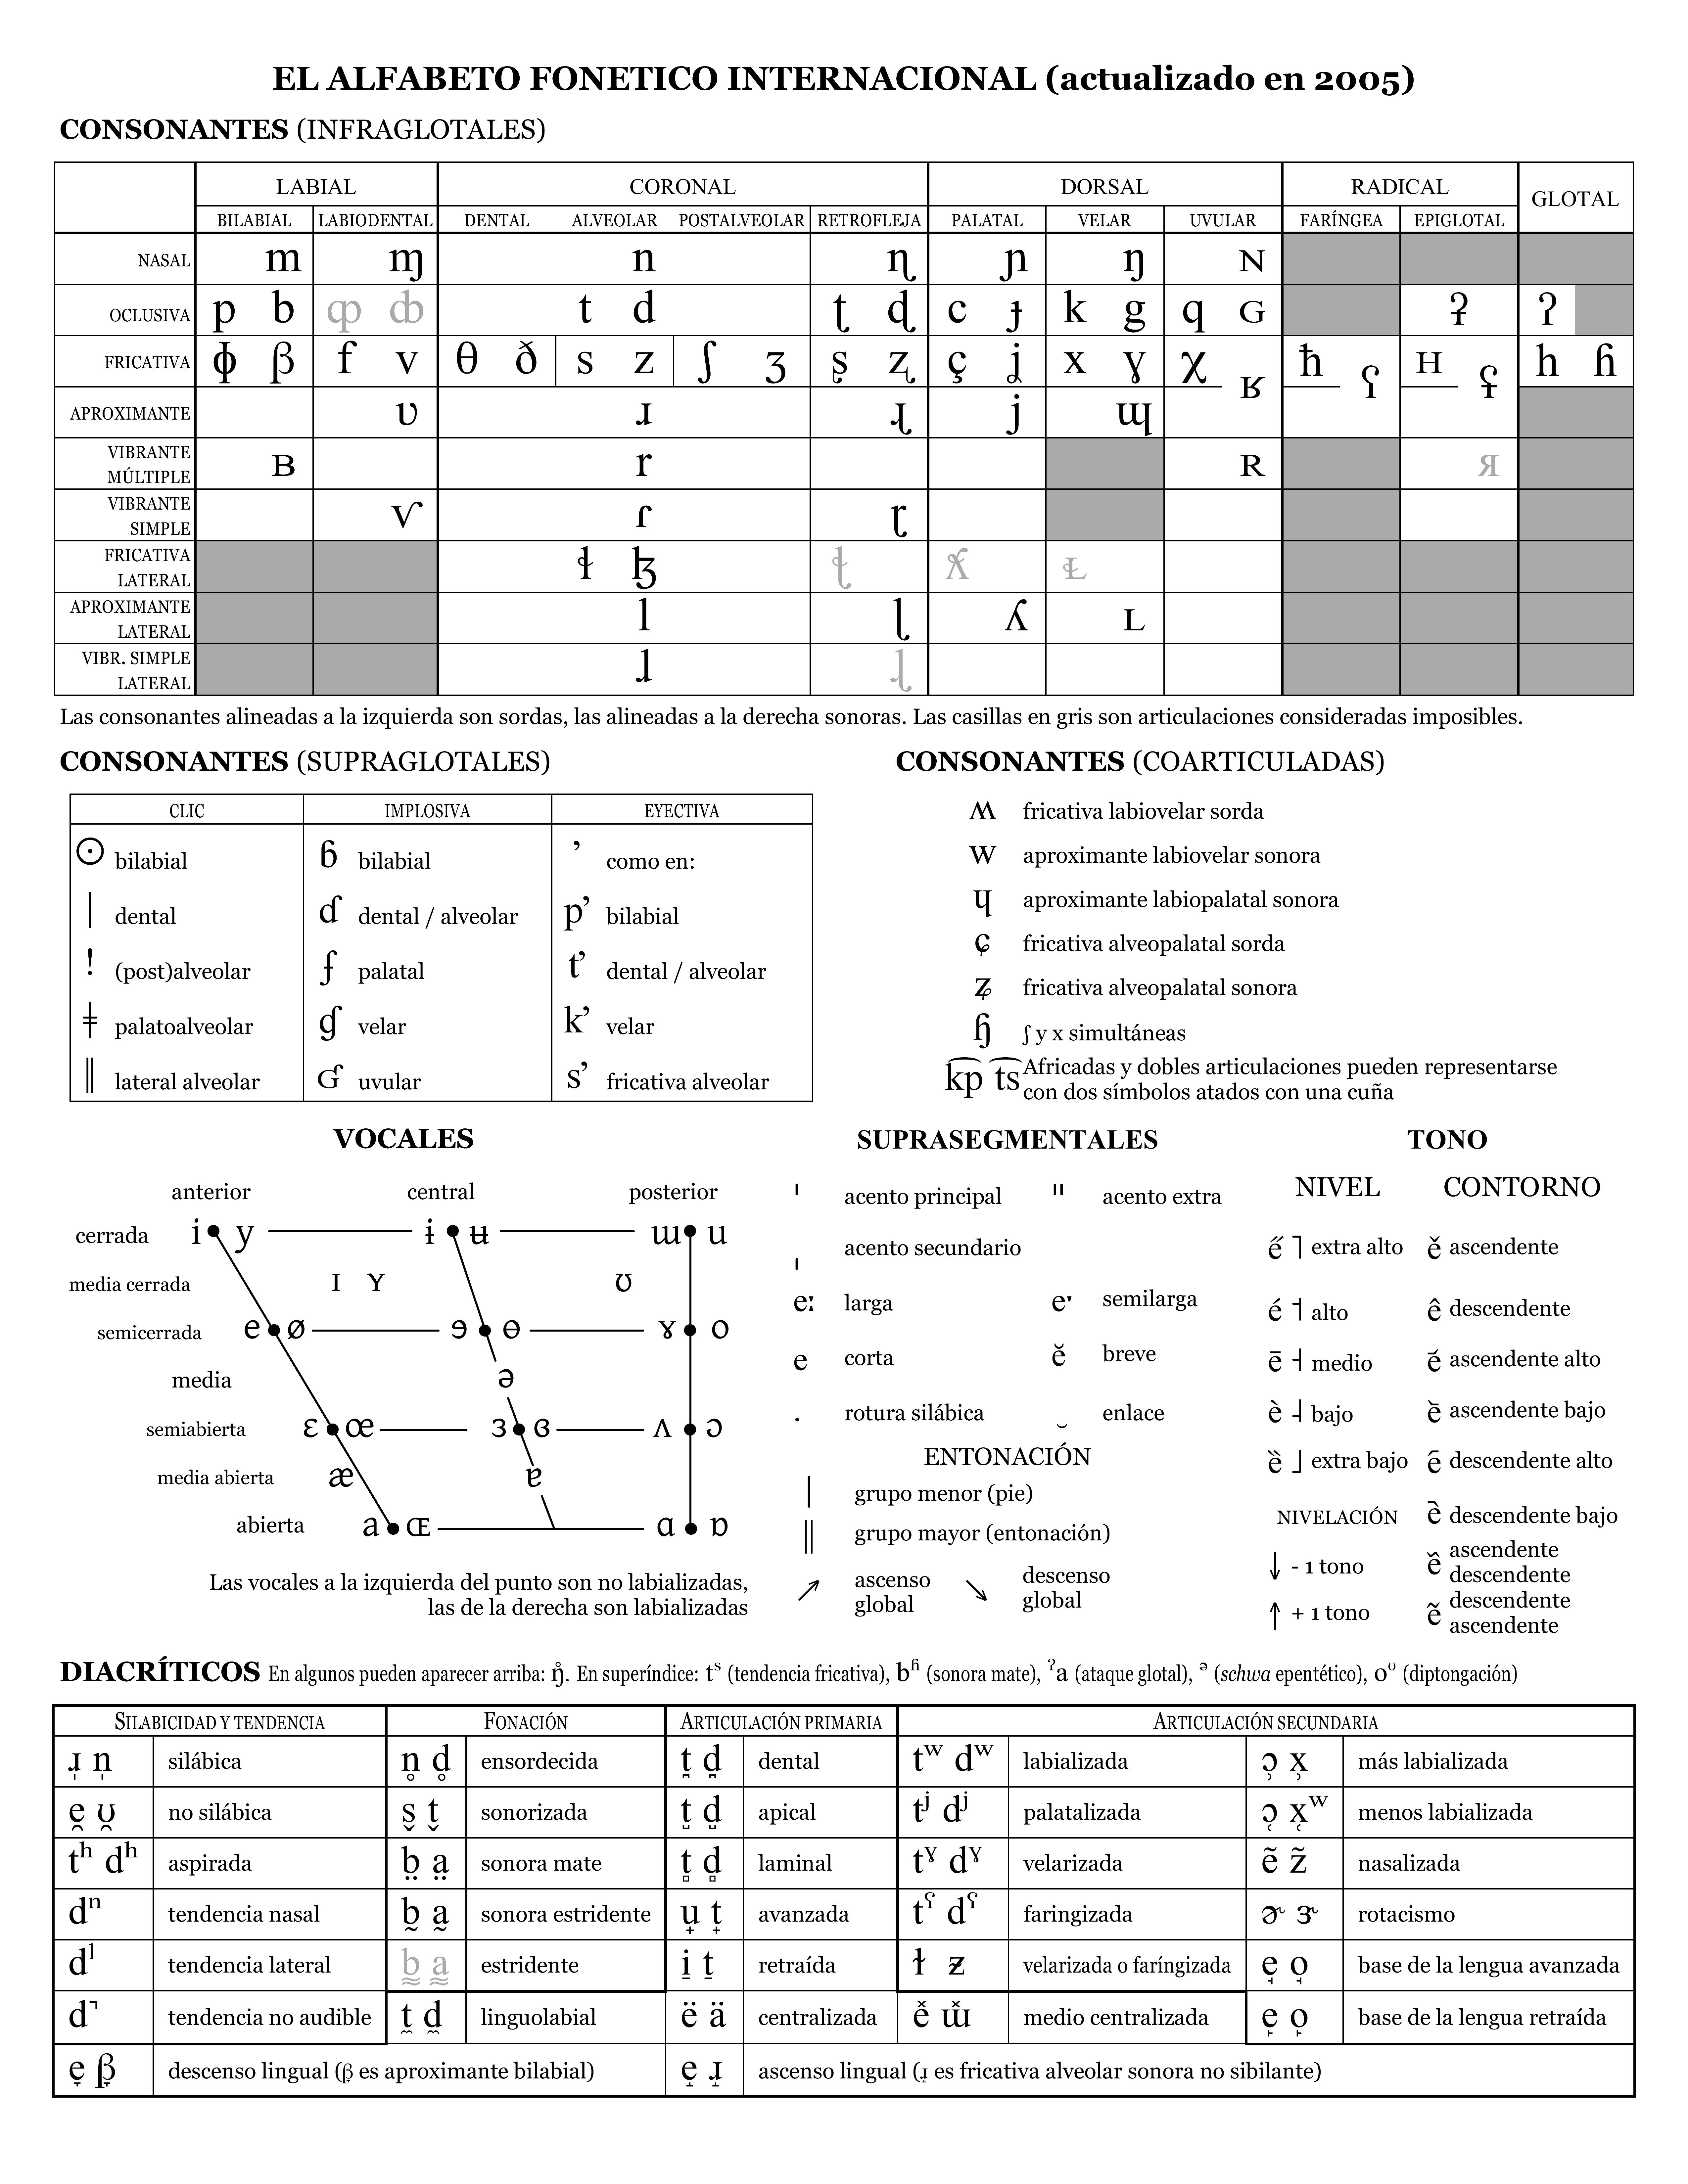 Tabla del Alfabeto Fonético Internacional en español